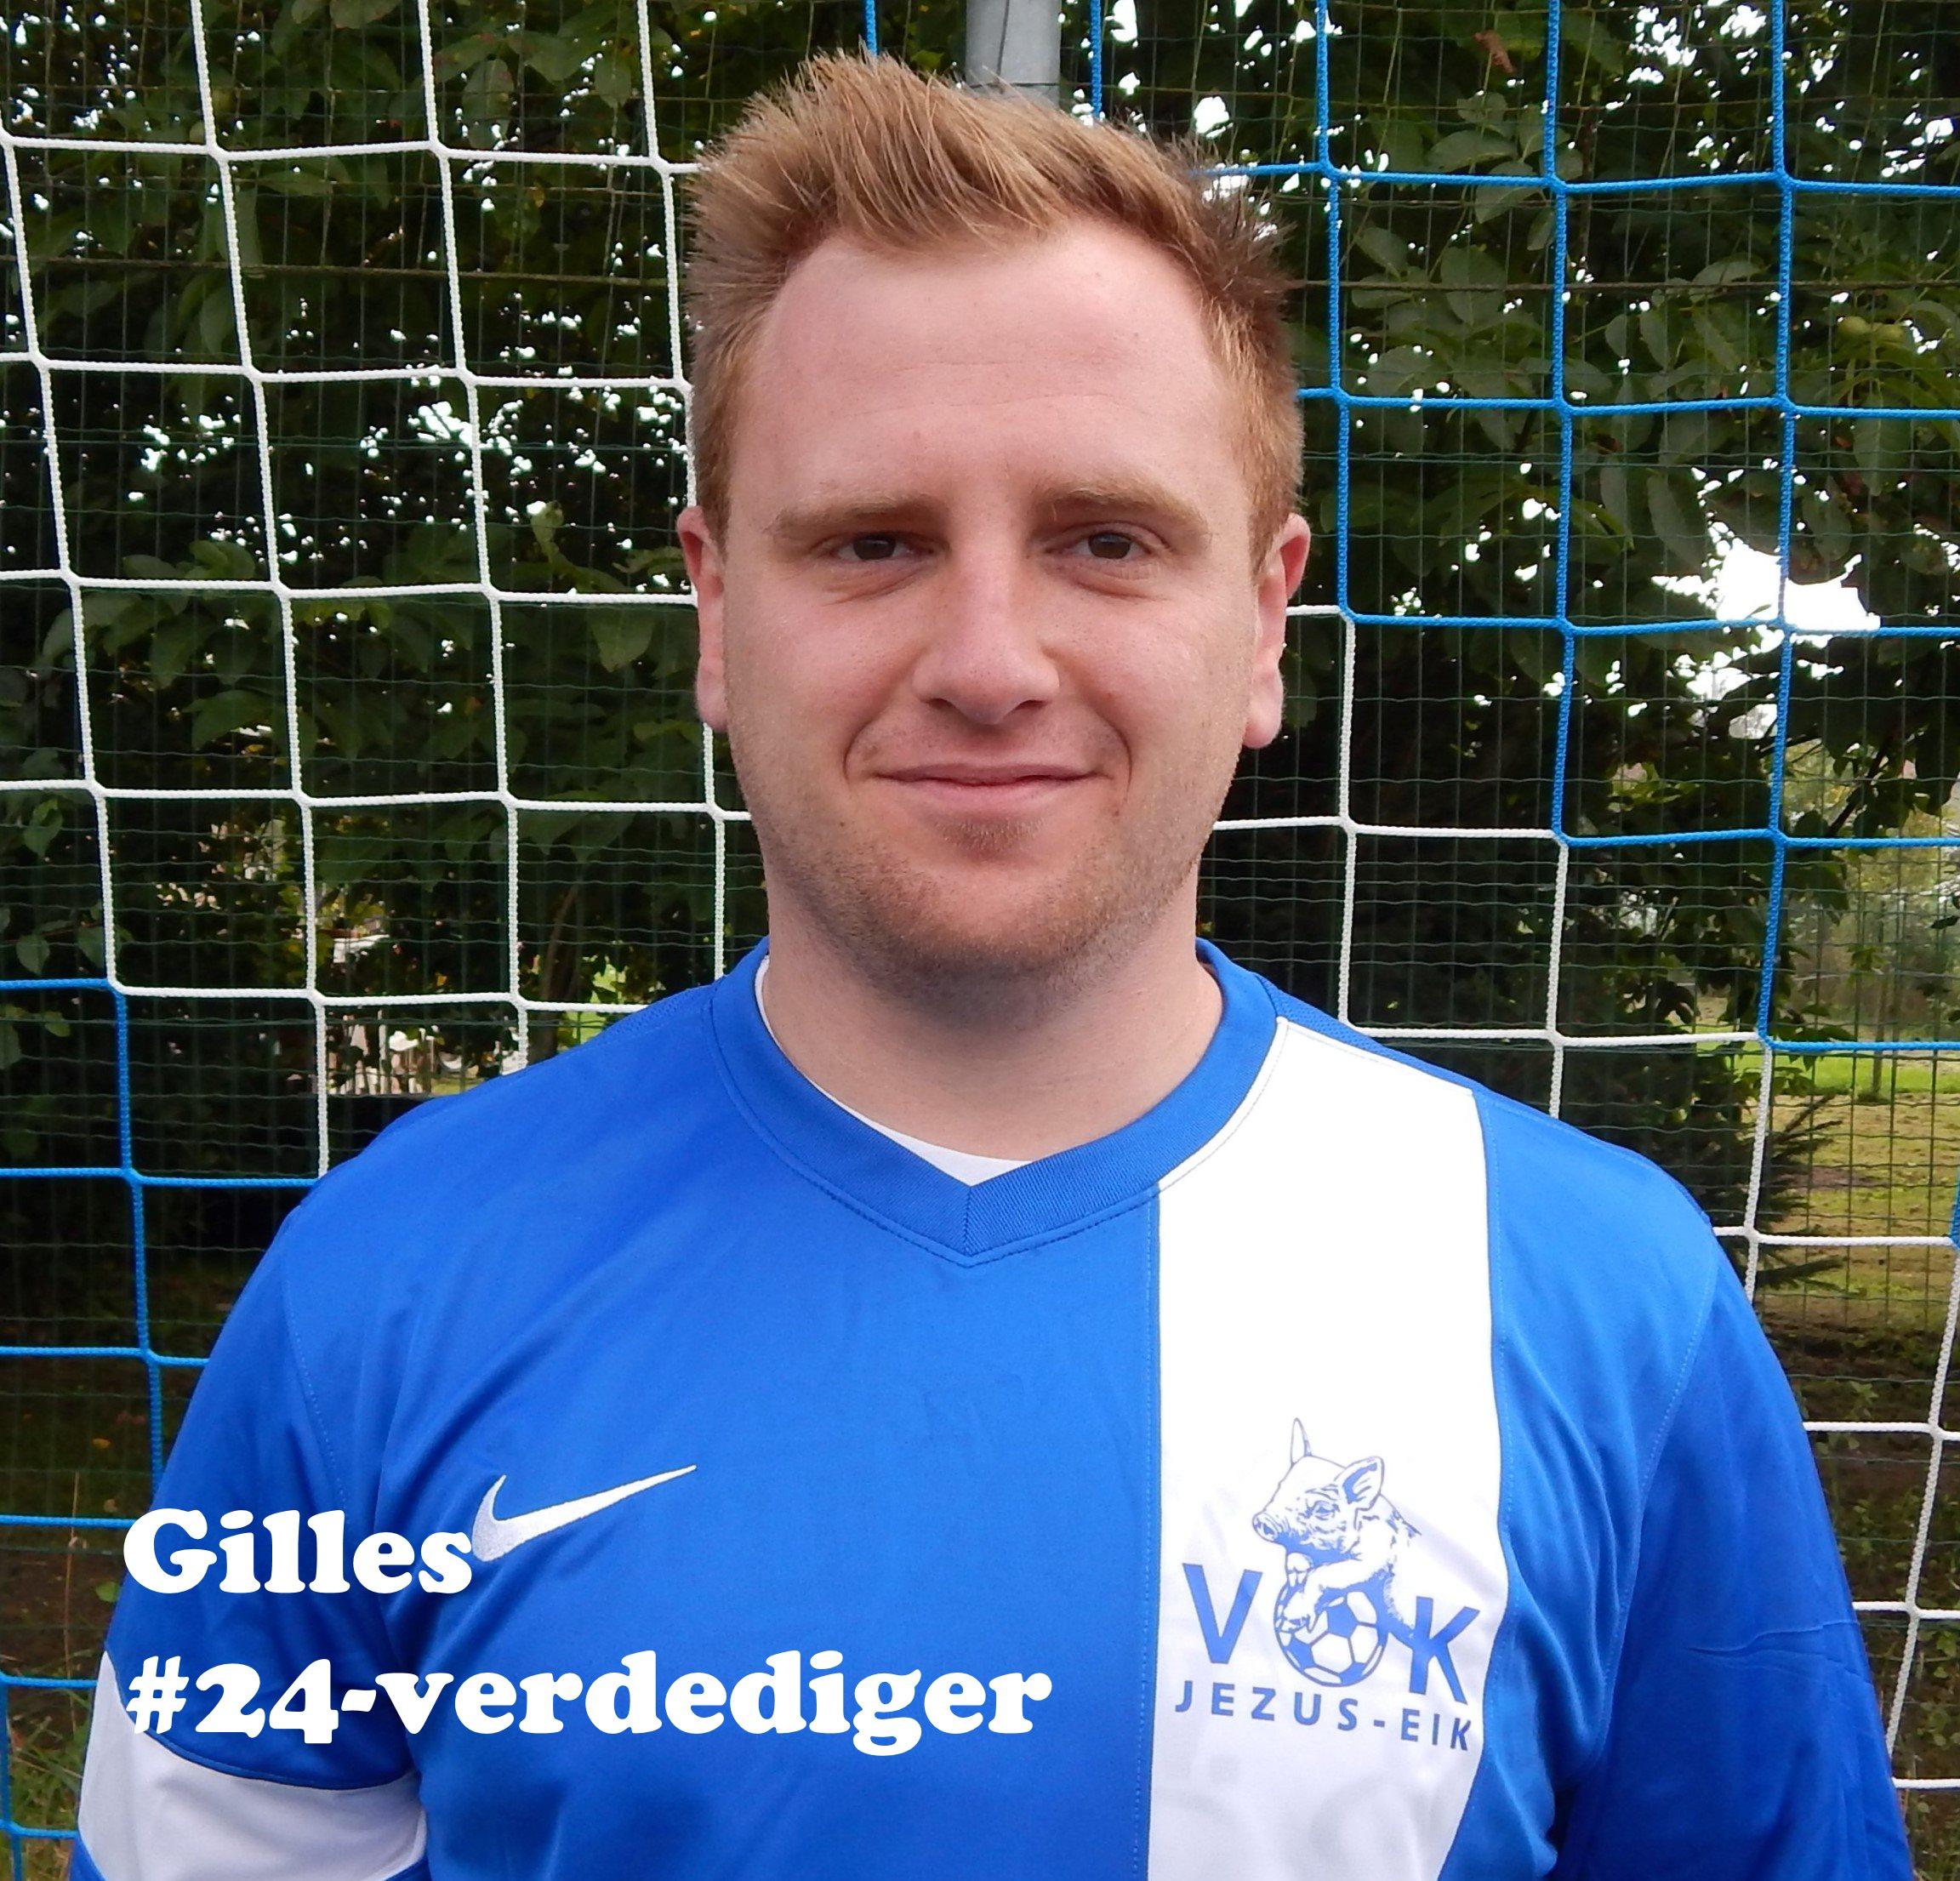 Gilles - Verdediger - 24